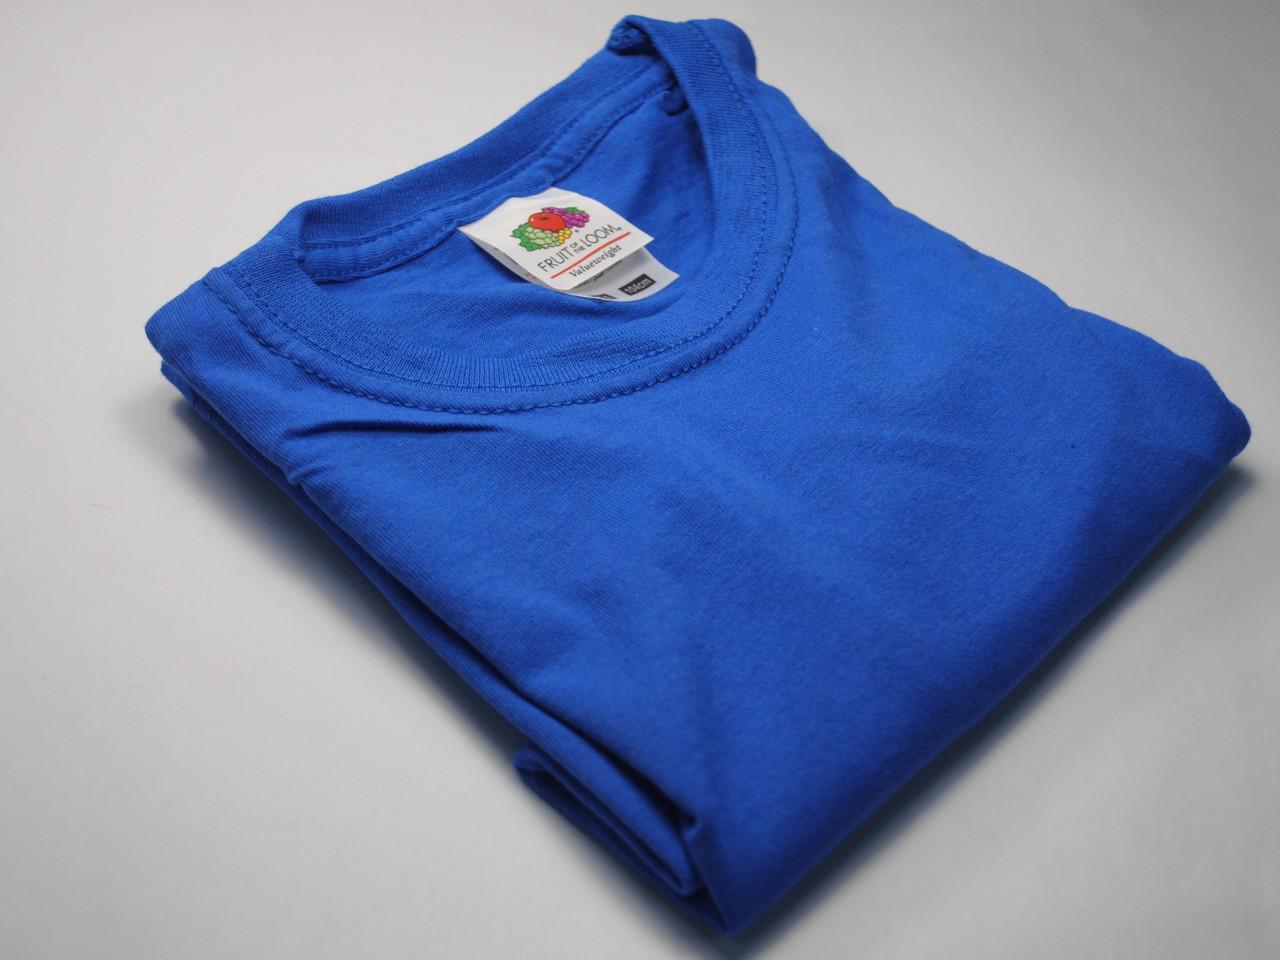 Классическая футболка для мальчика Ярко-синяя  размер 12-13 лет (152 см) 61-033-51